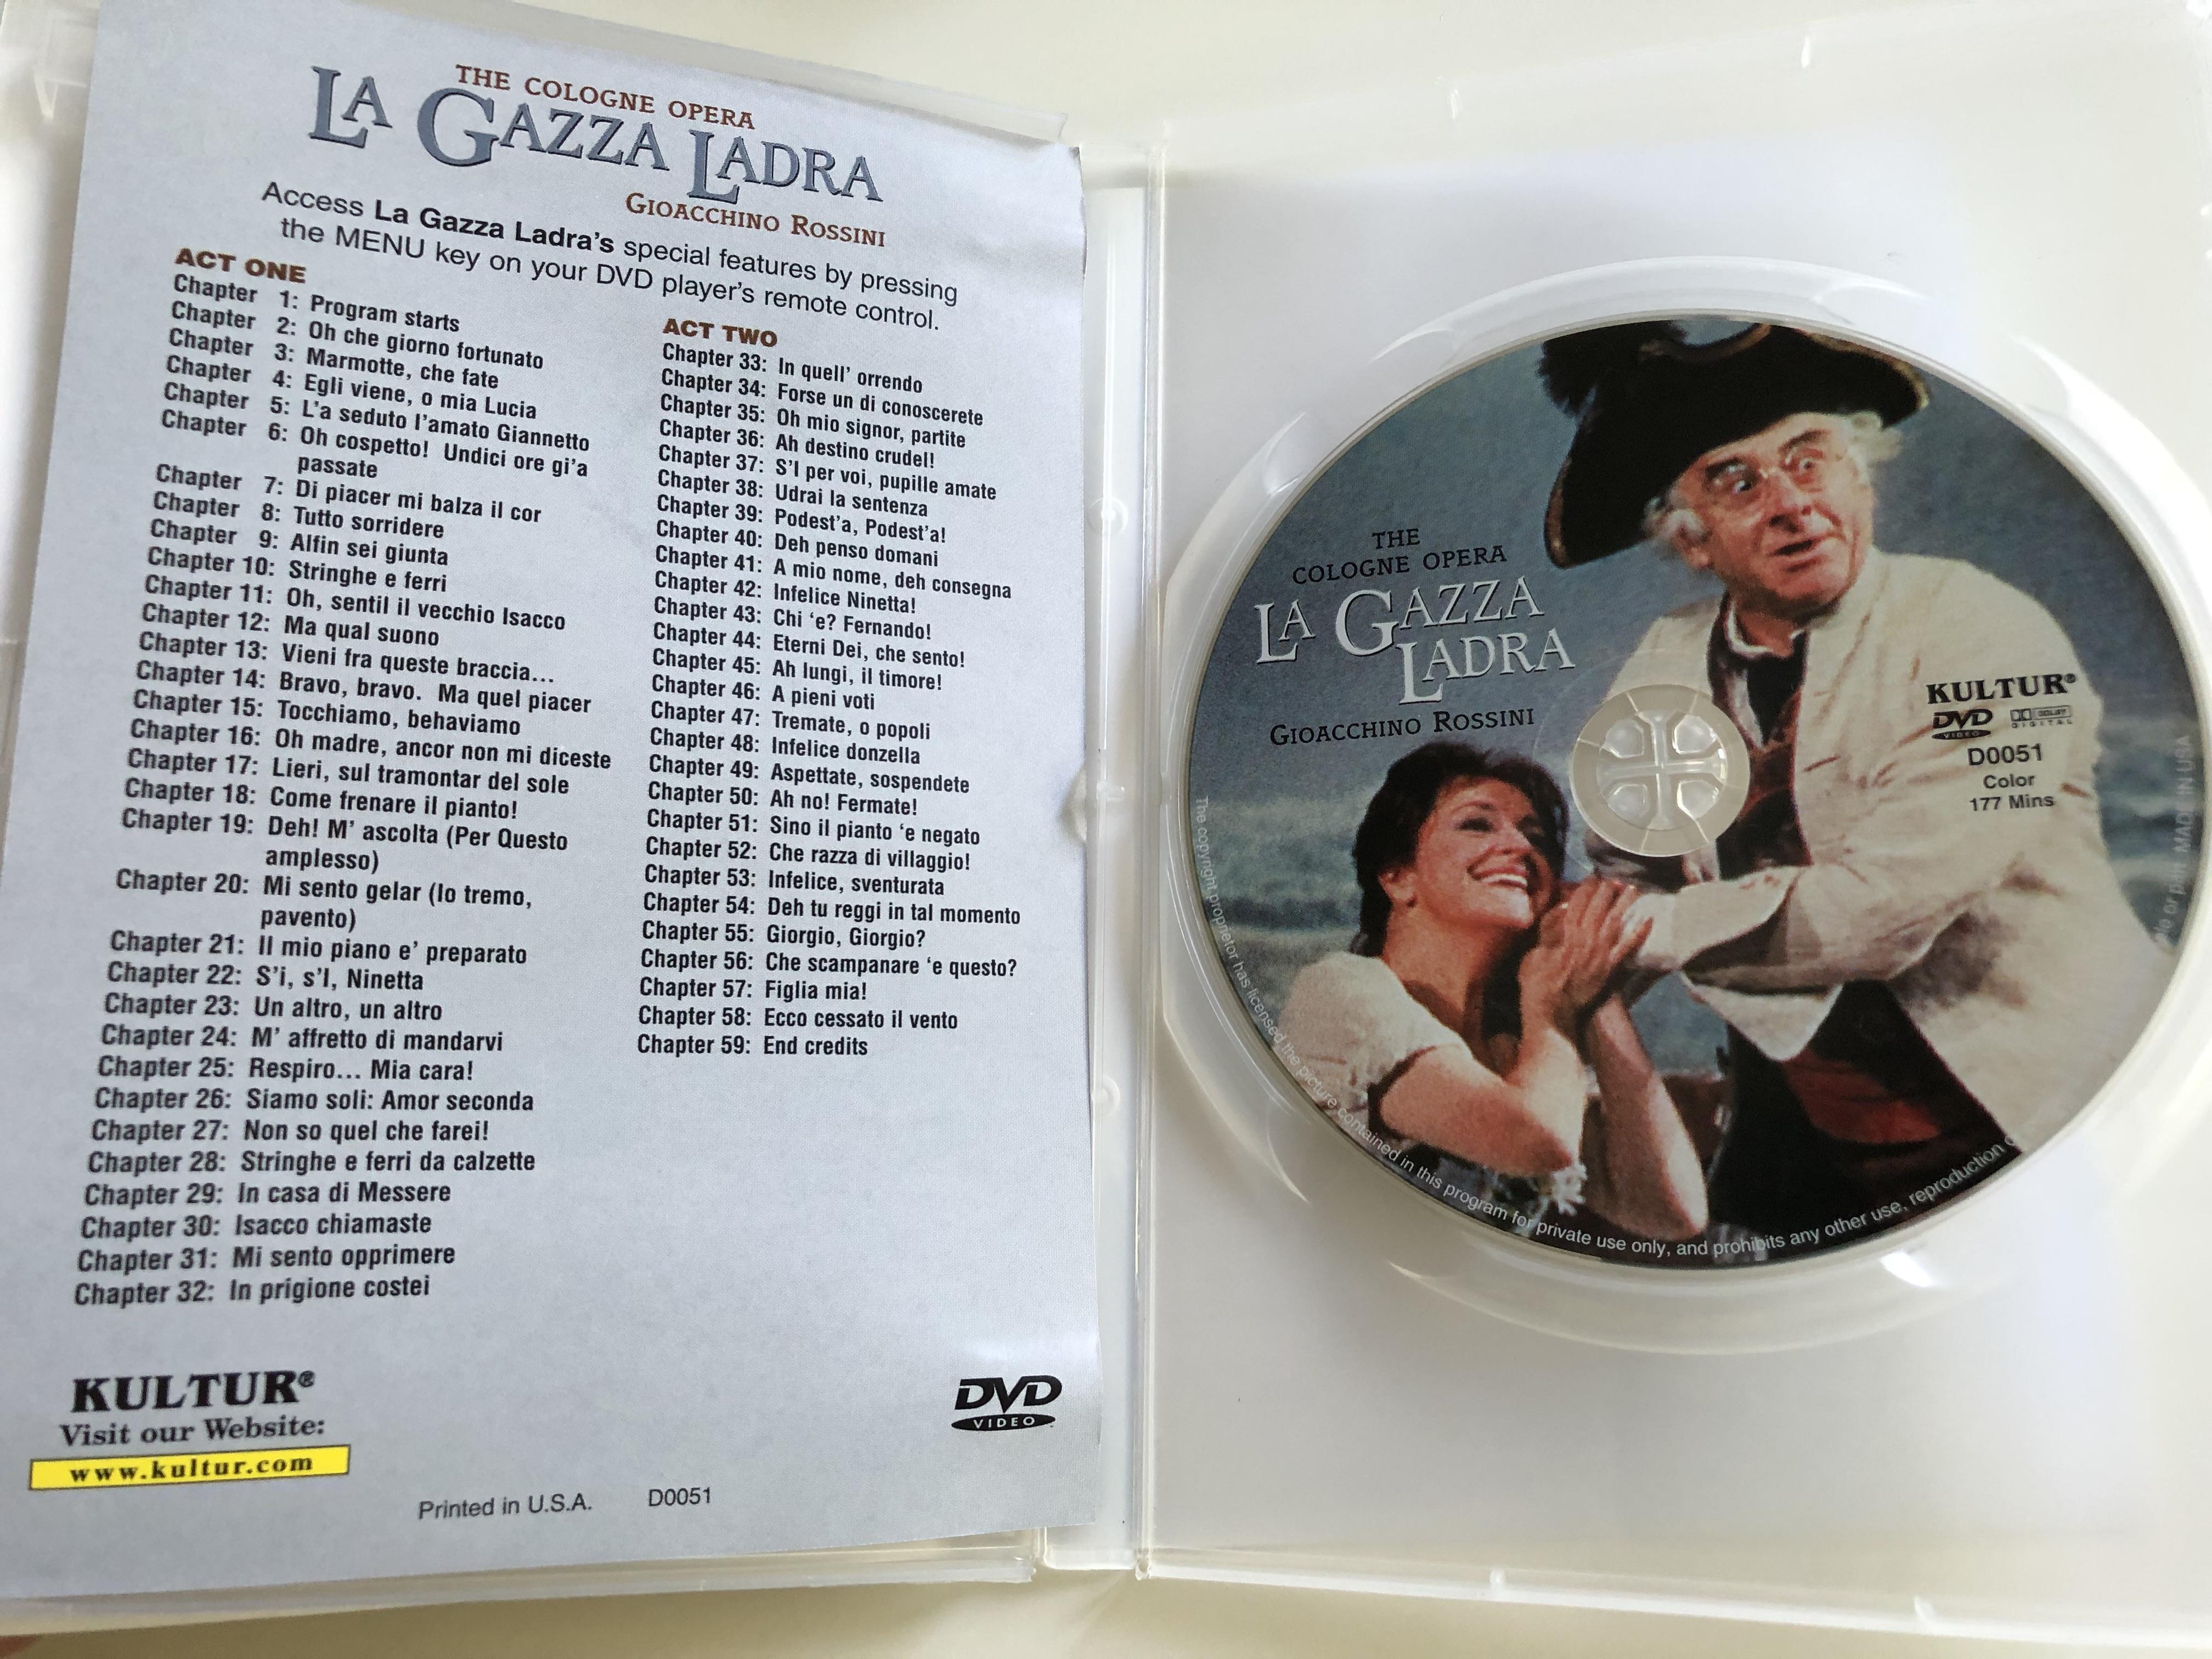 the-cologne-opera-gioacchino-rossini-la-gazza-ladra-dvd-2002-chorus-of-the-cologne-opera-g-rzenich-orchestra-of-cologne-conducted-by-brun-bartoletti-directed-by-michael-hampe-2-.jpg